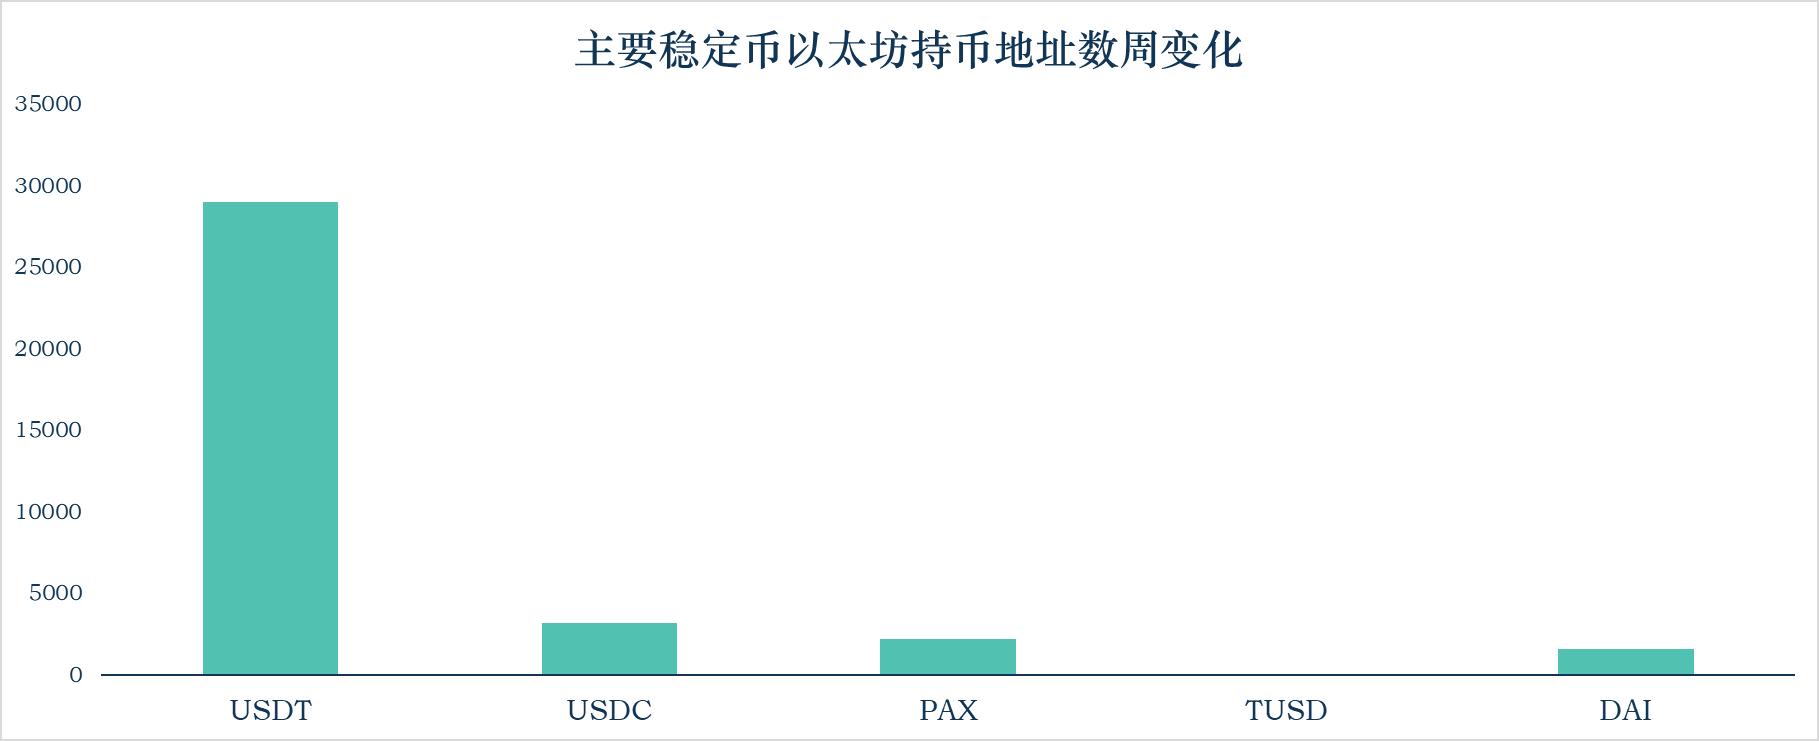 加密稳定币报告:用户数量175万;算法稳定币项目Terra单周上涨50%